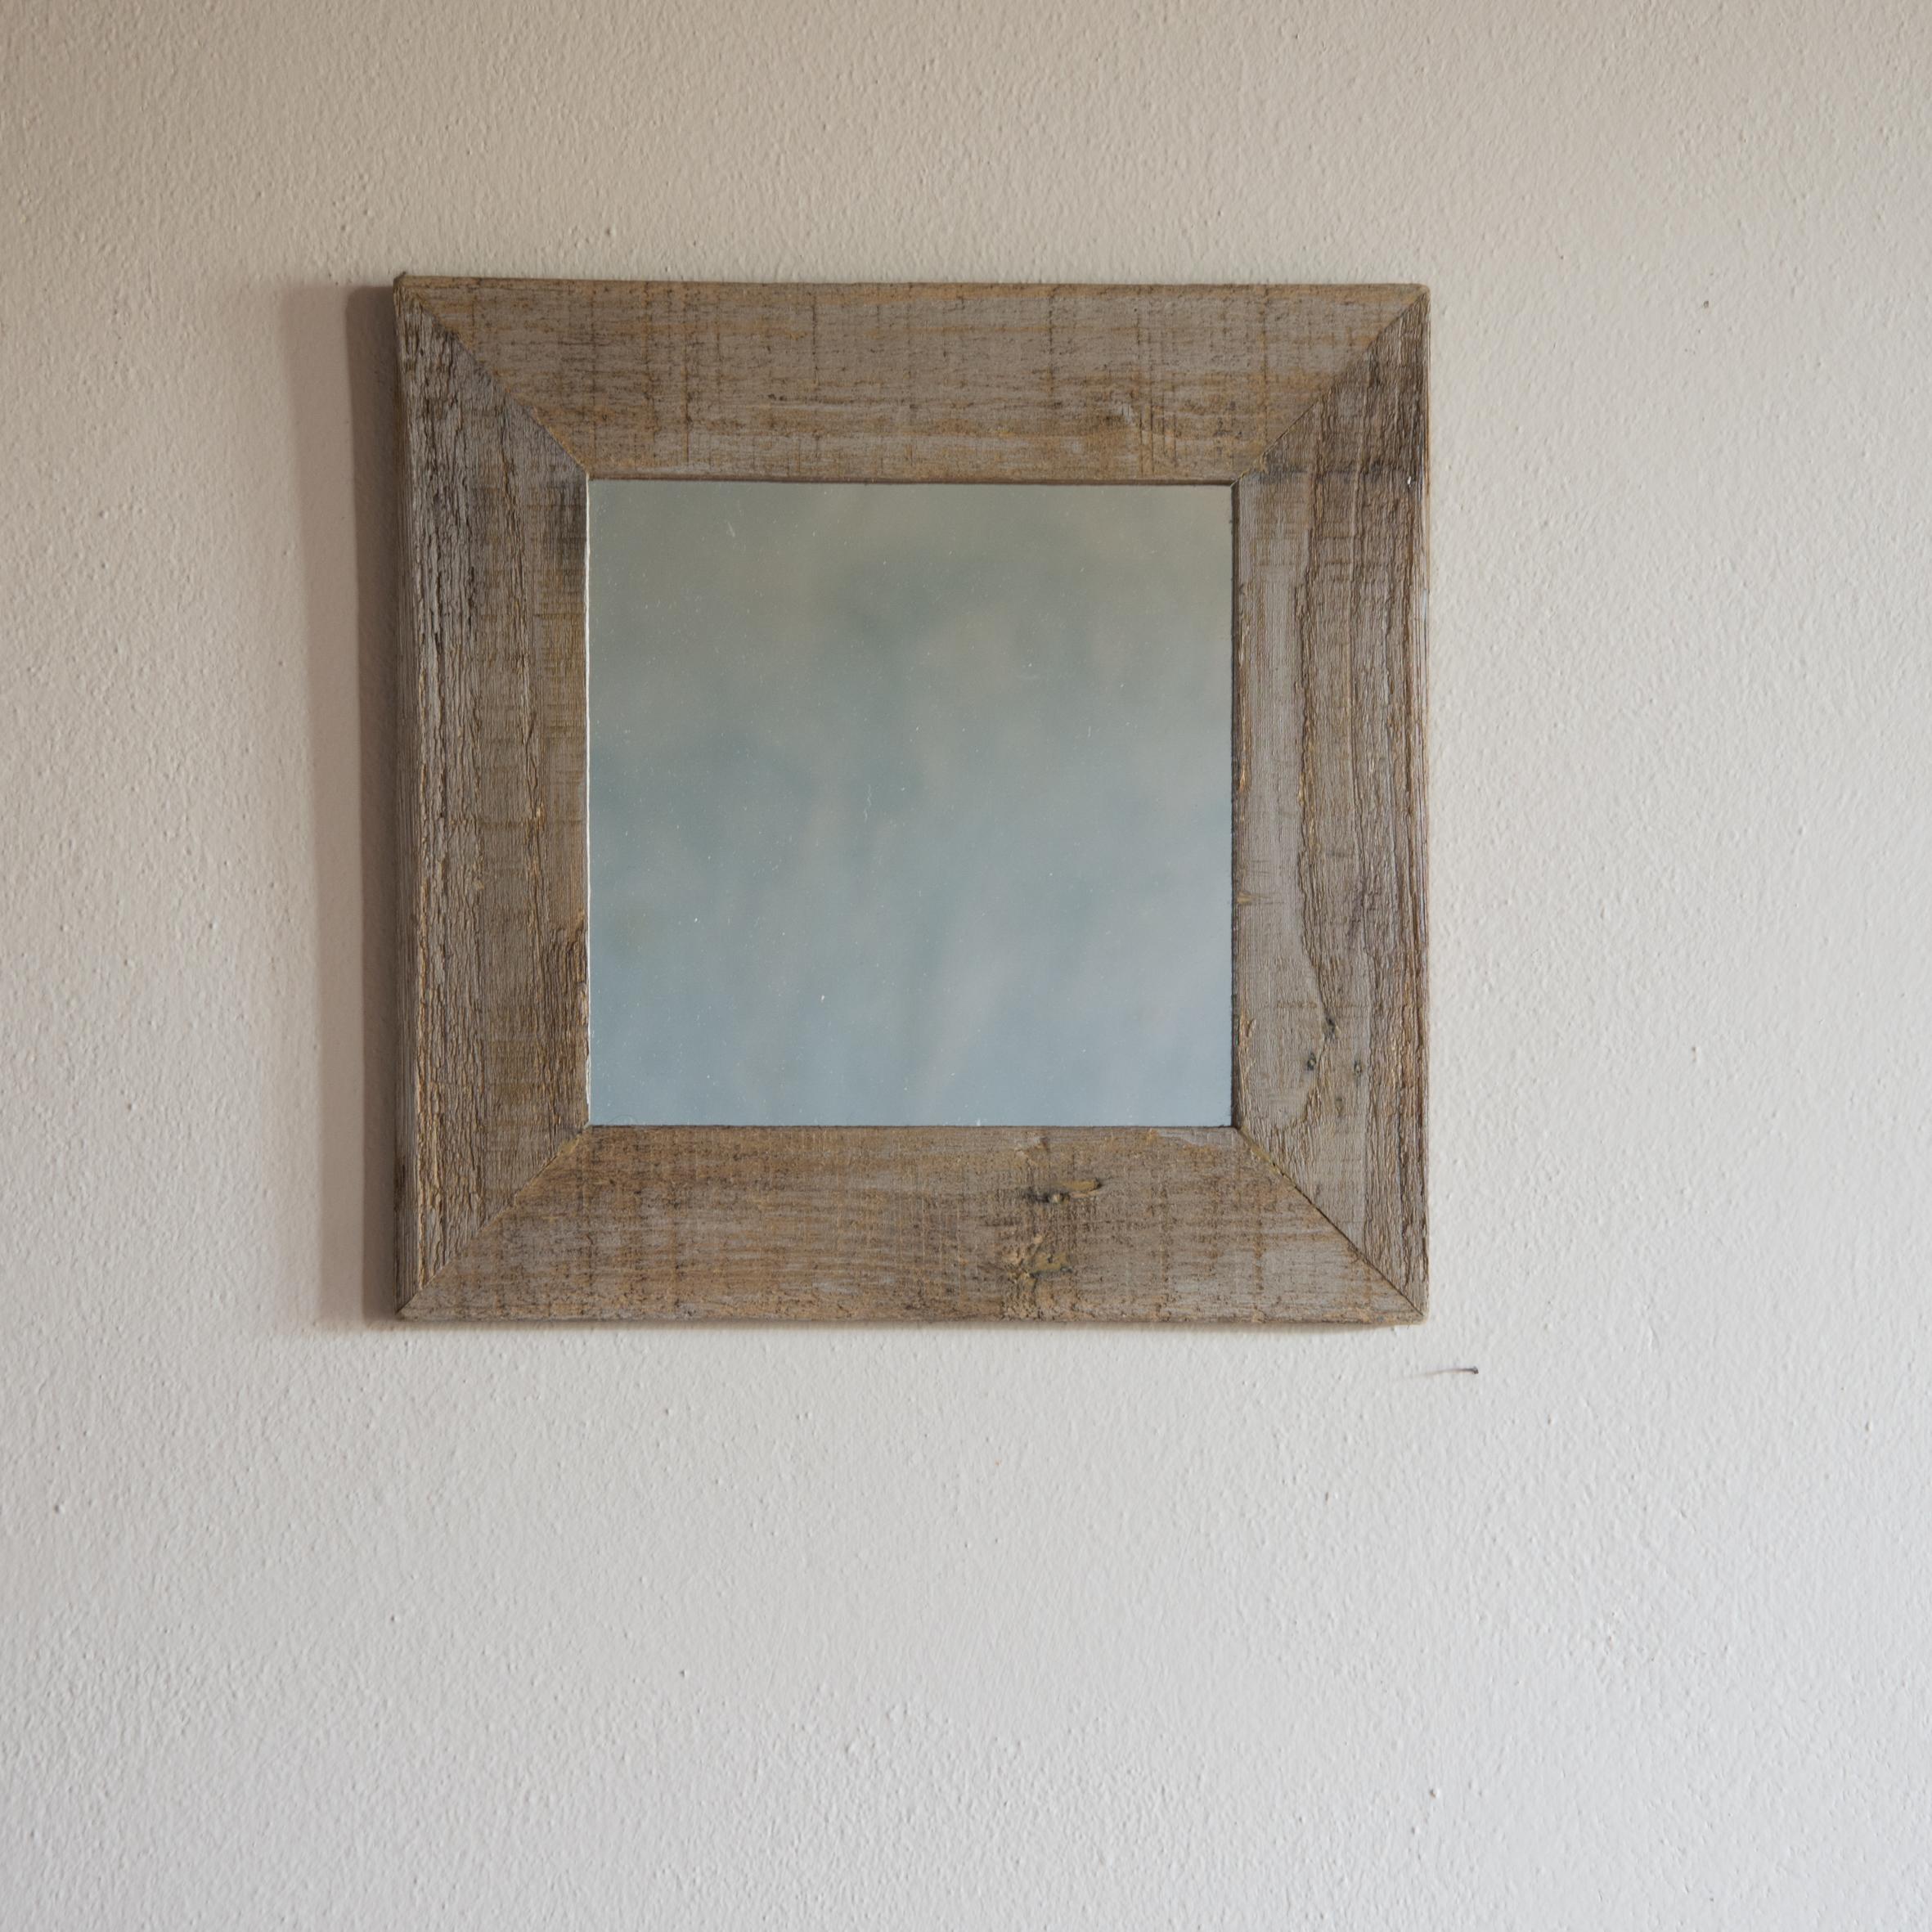 Specchio no. 08 in legno di recupero pulito e cerato